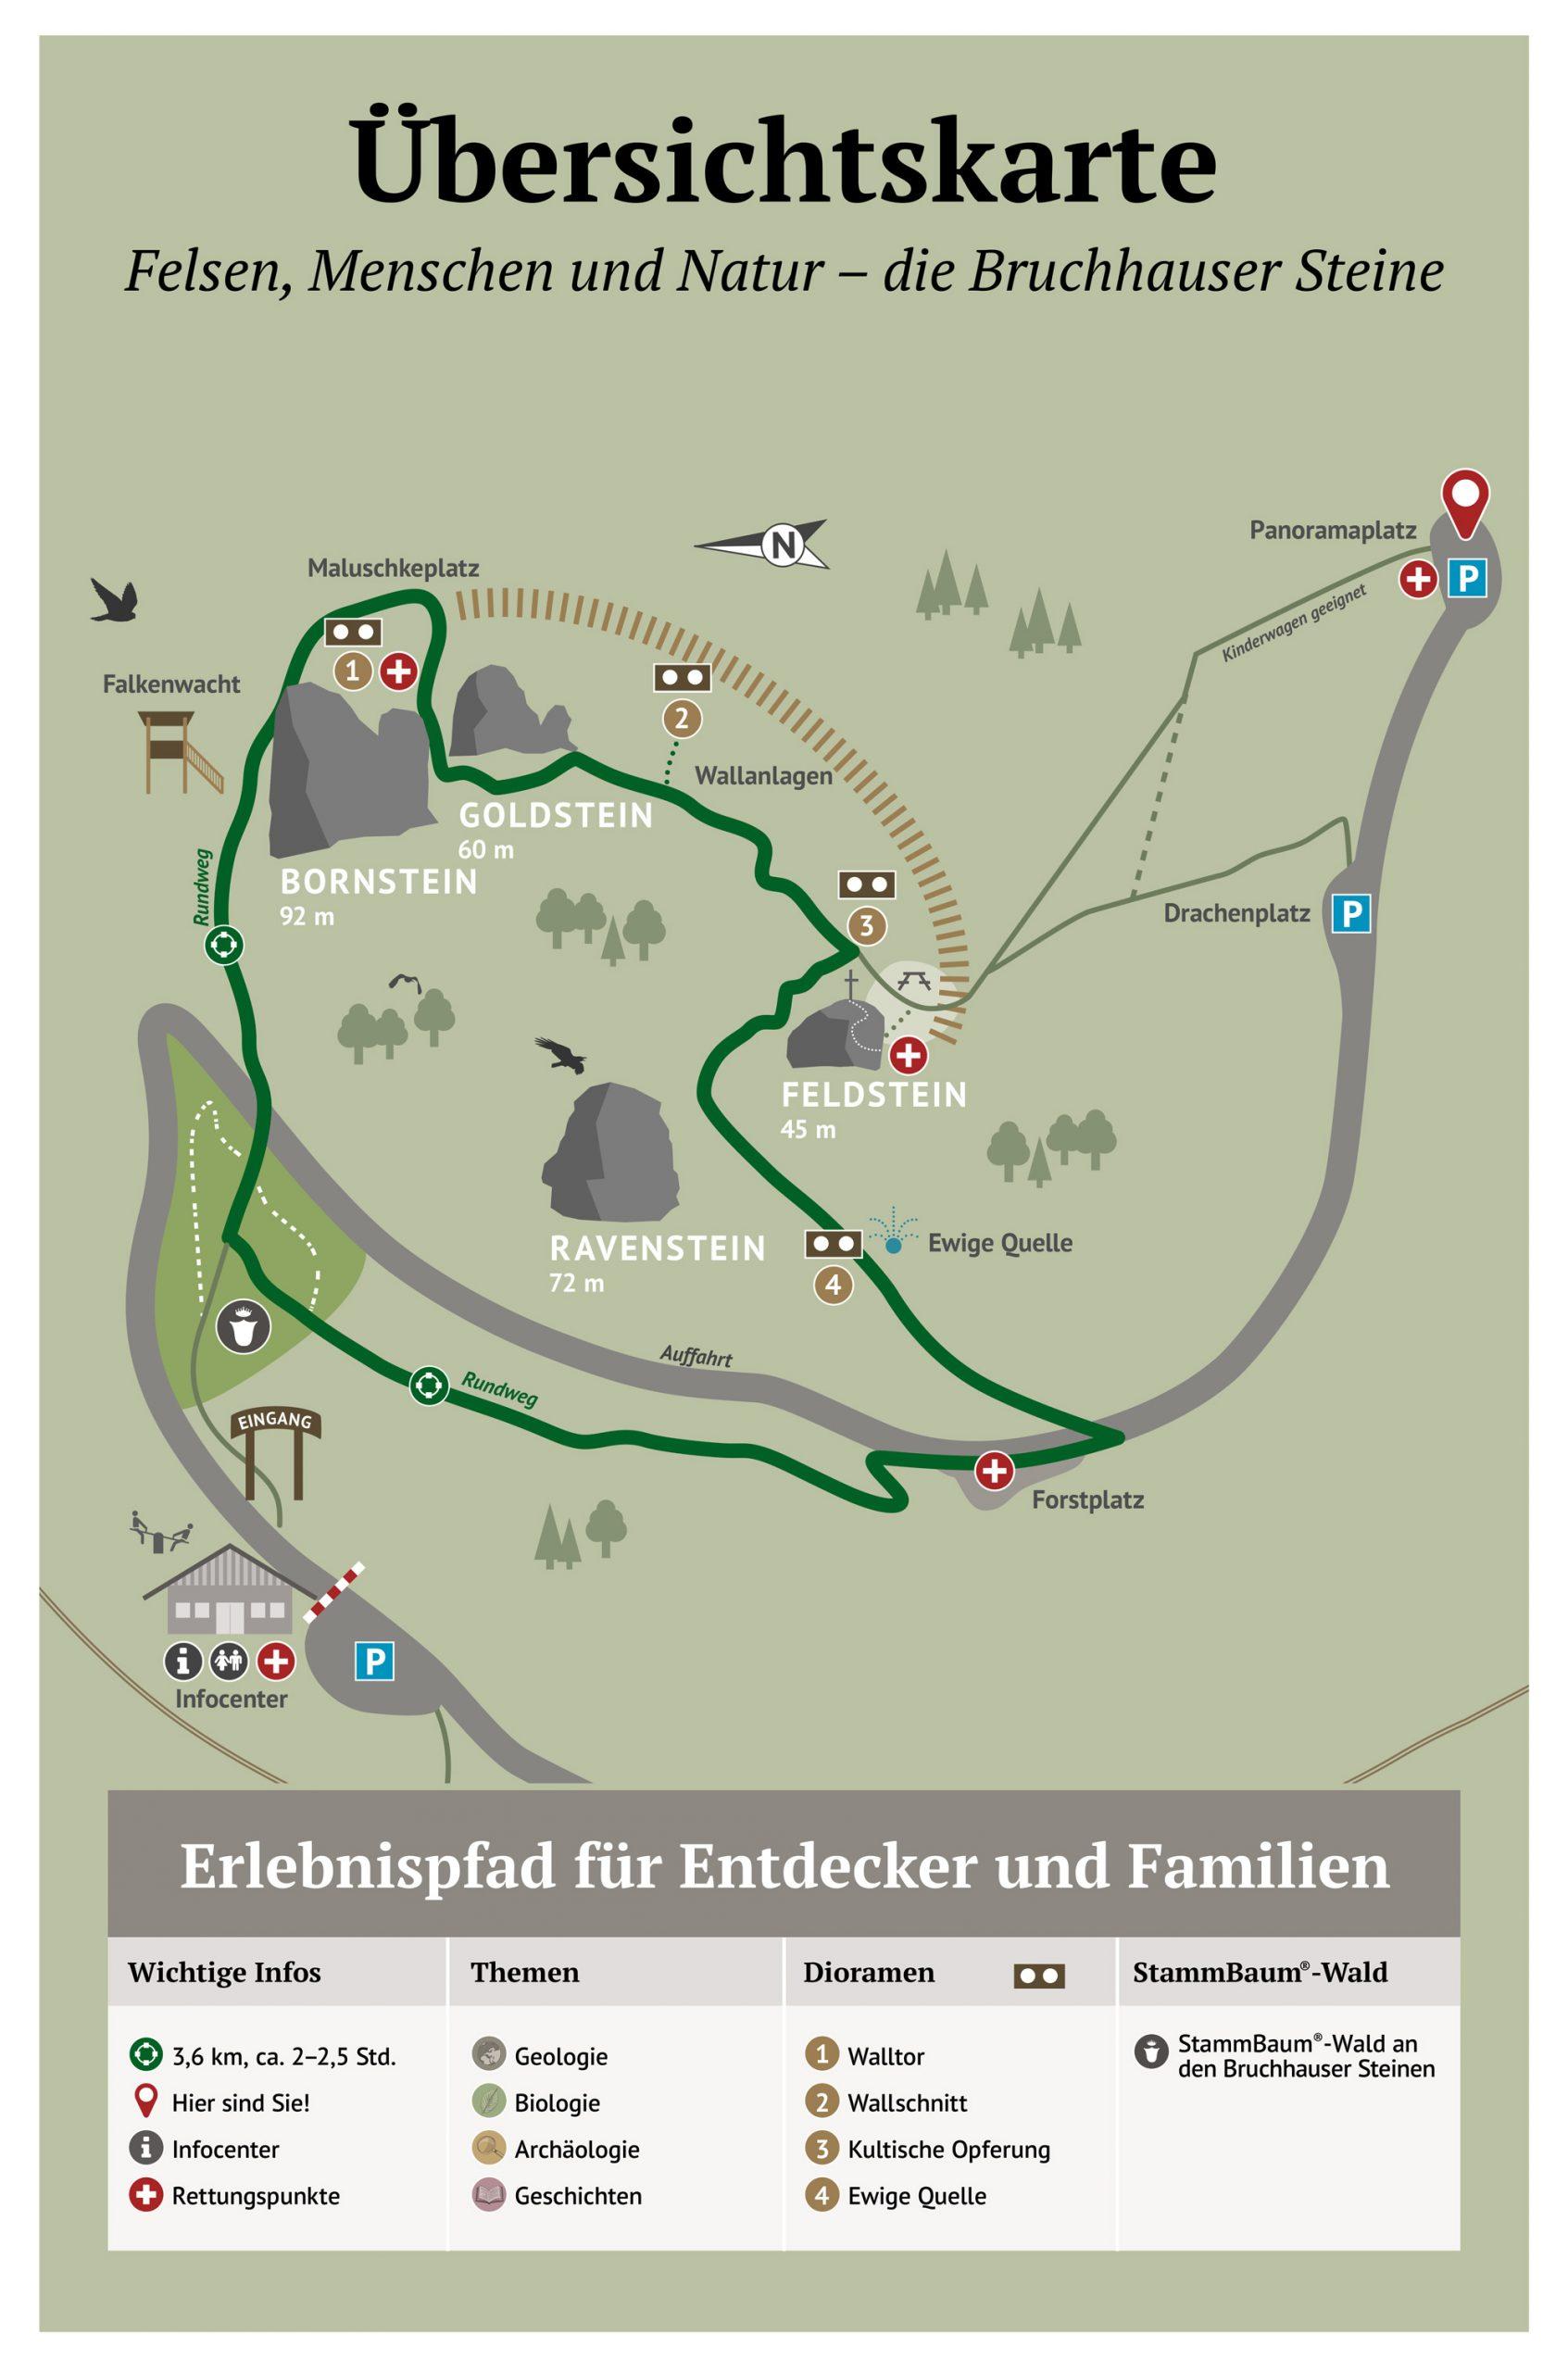 Übersichtskarte Bruchhauser Steine